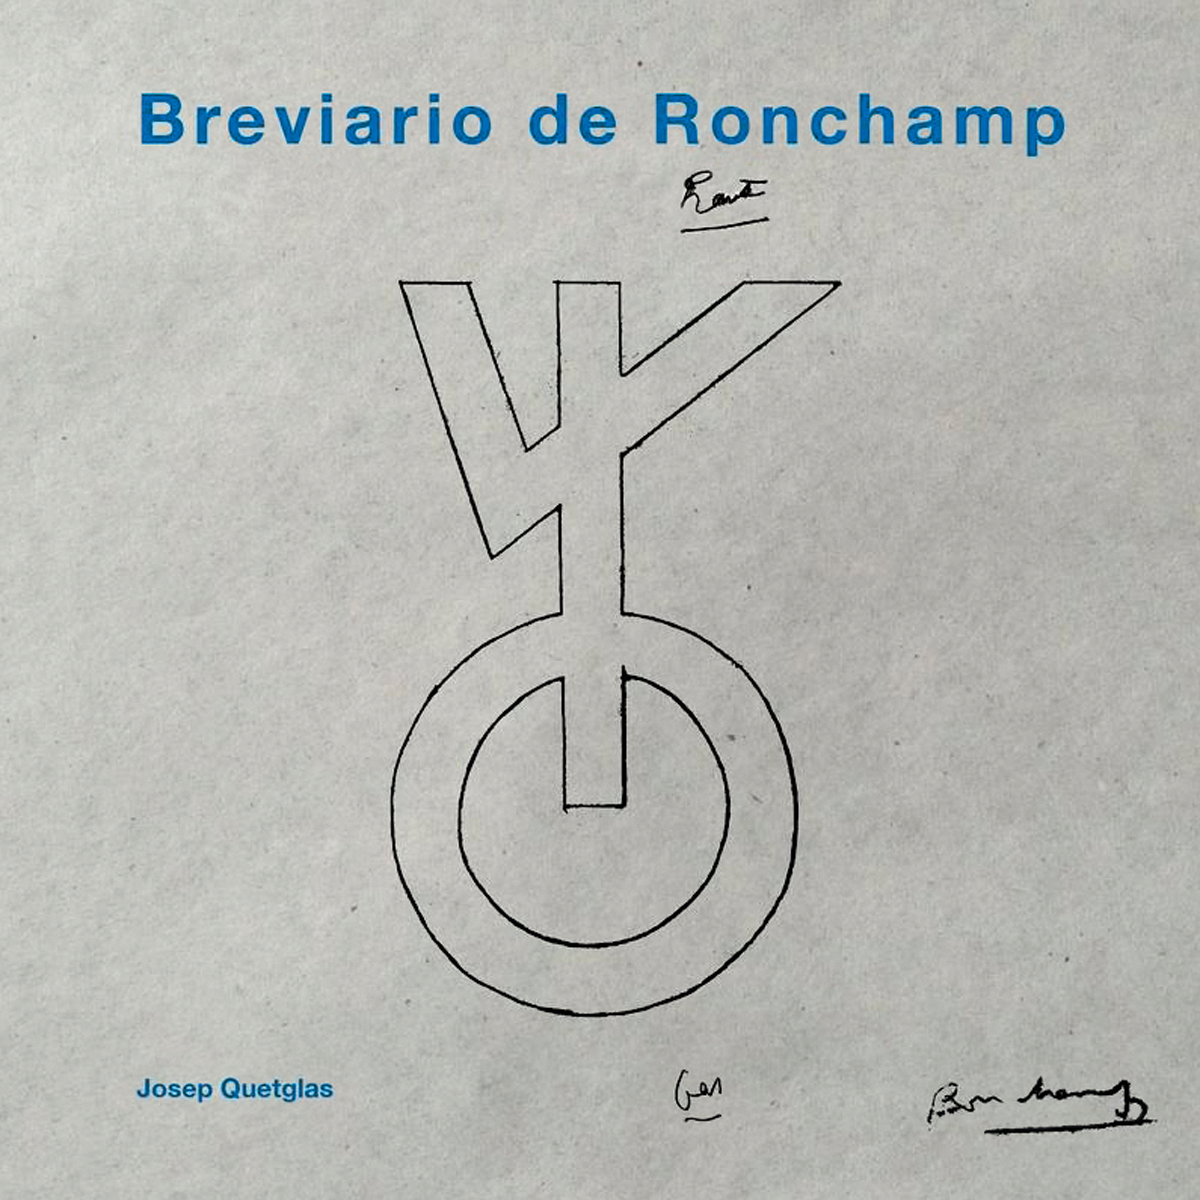 Breviario de Ronchamp